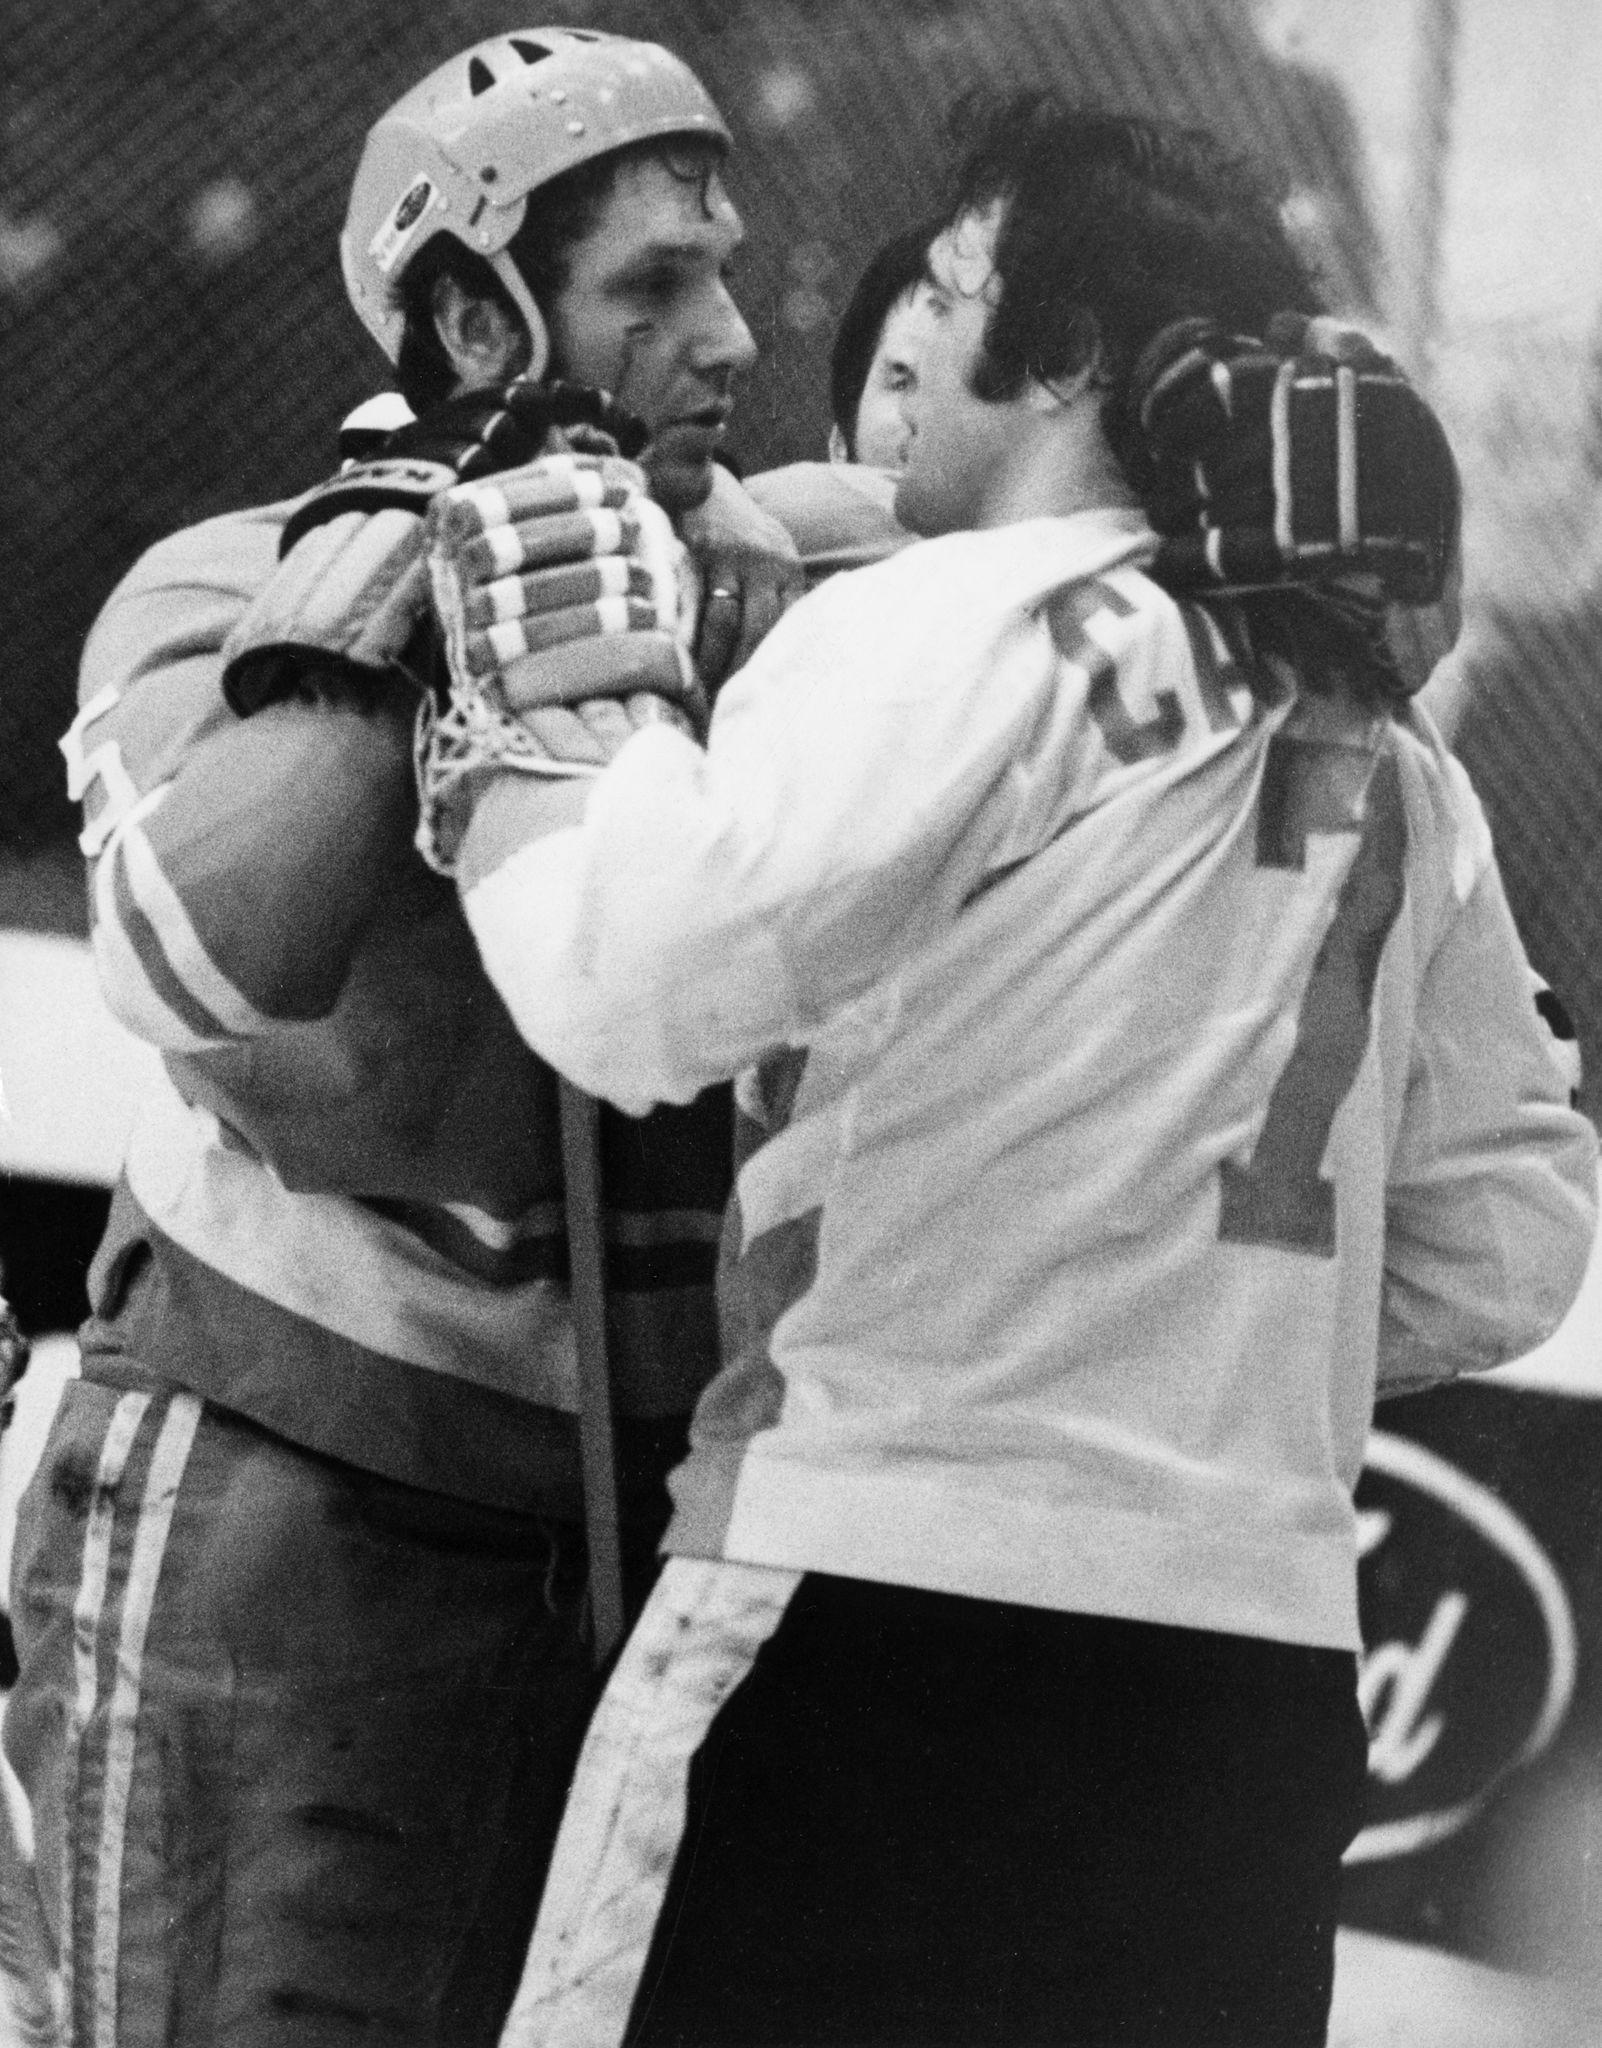 1972. Александр Рагулин (слева) из советской хоккейной команды лицом к лицу с Филом Эспозито из канадской команды во время игры на центральном стадионе имени Ленина в Москве, 26 сентября